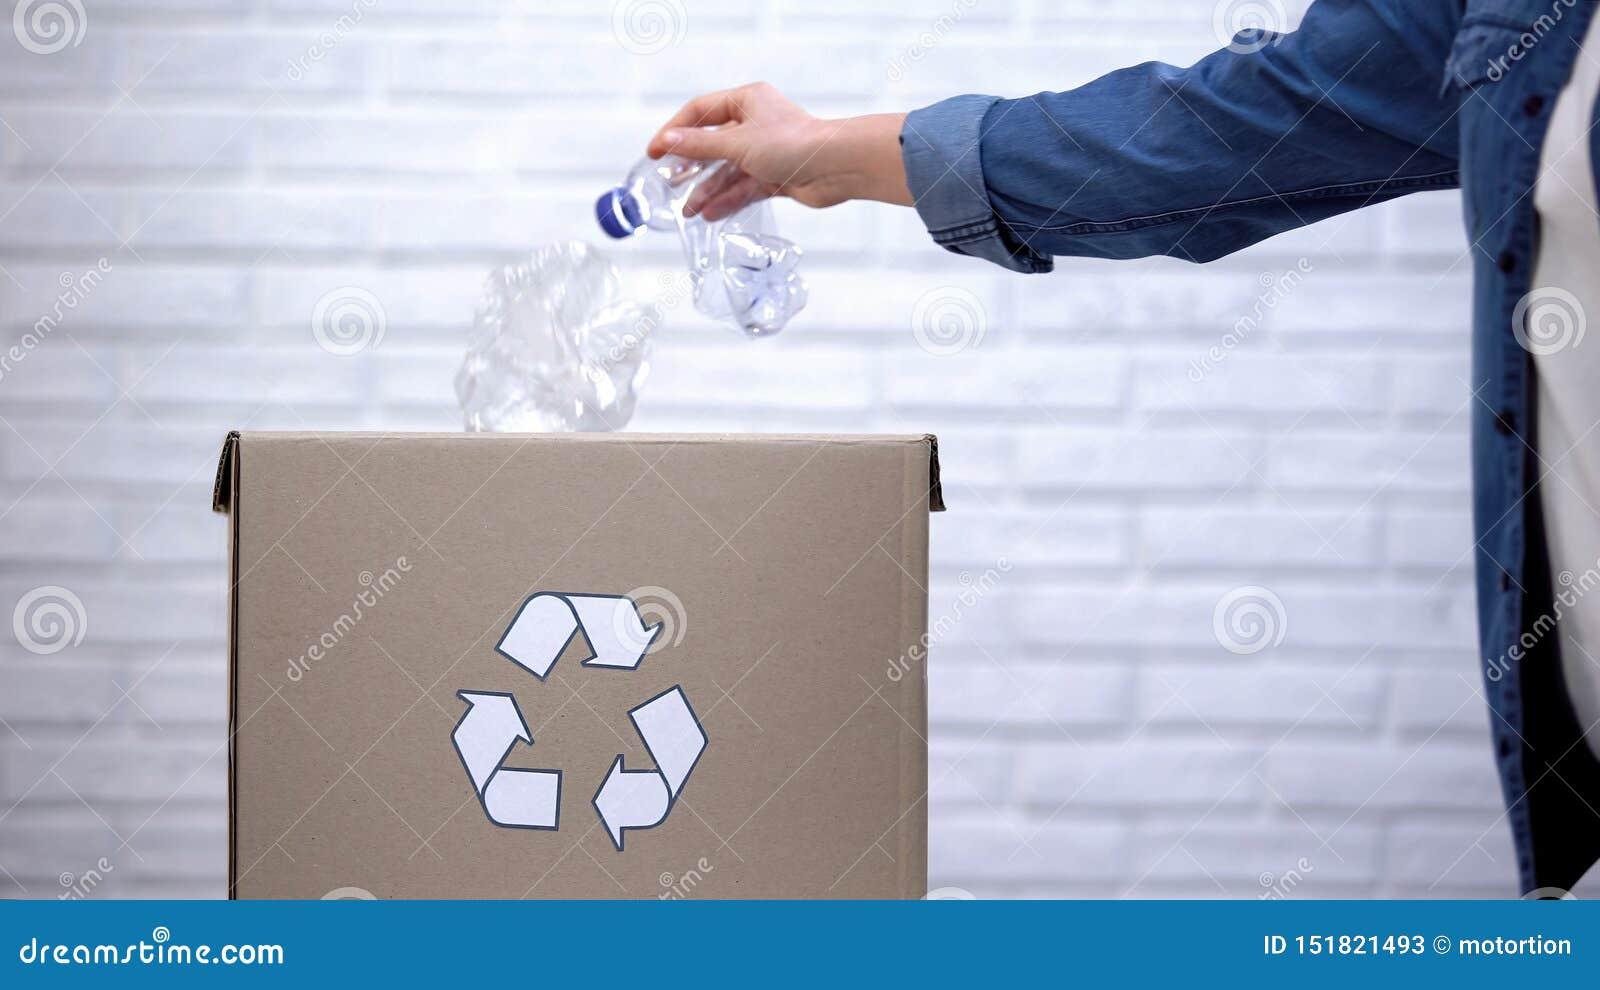 投掷塑料瓶的人入垃圾桶,排序非自然分解的废物